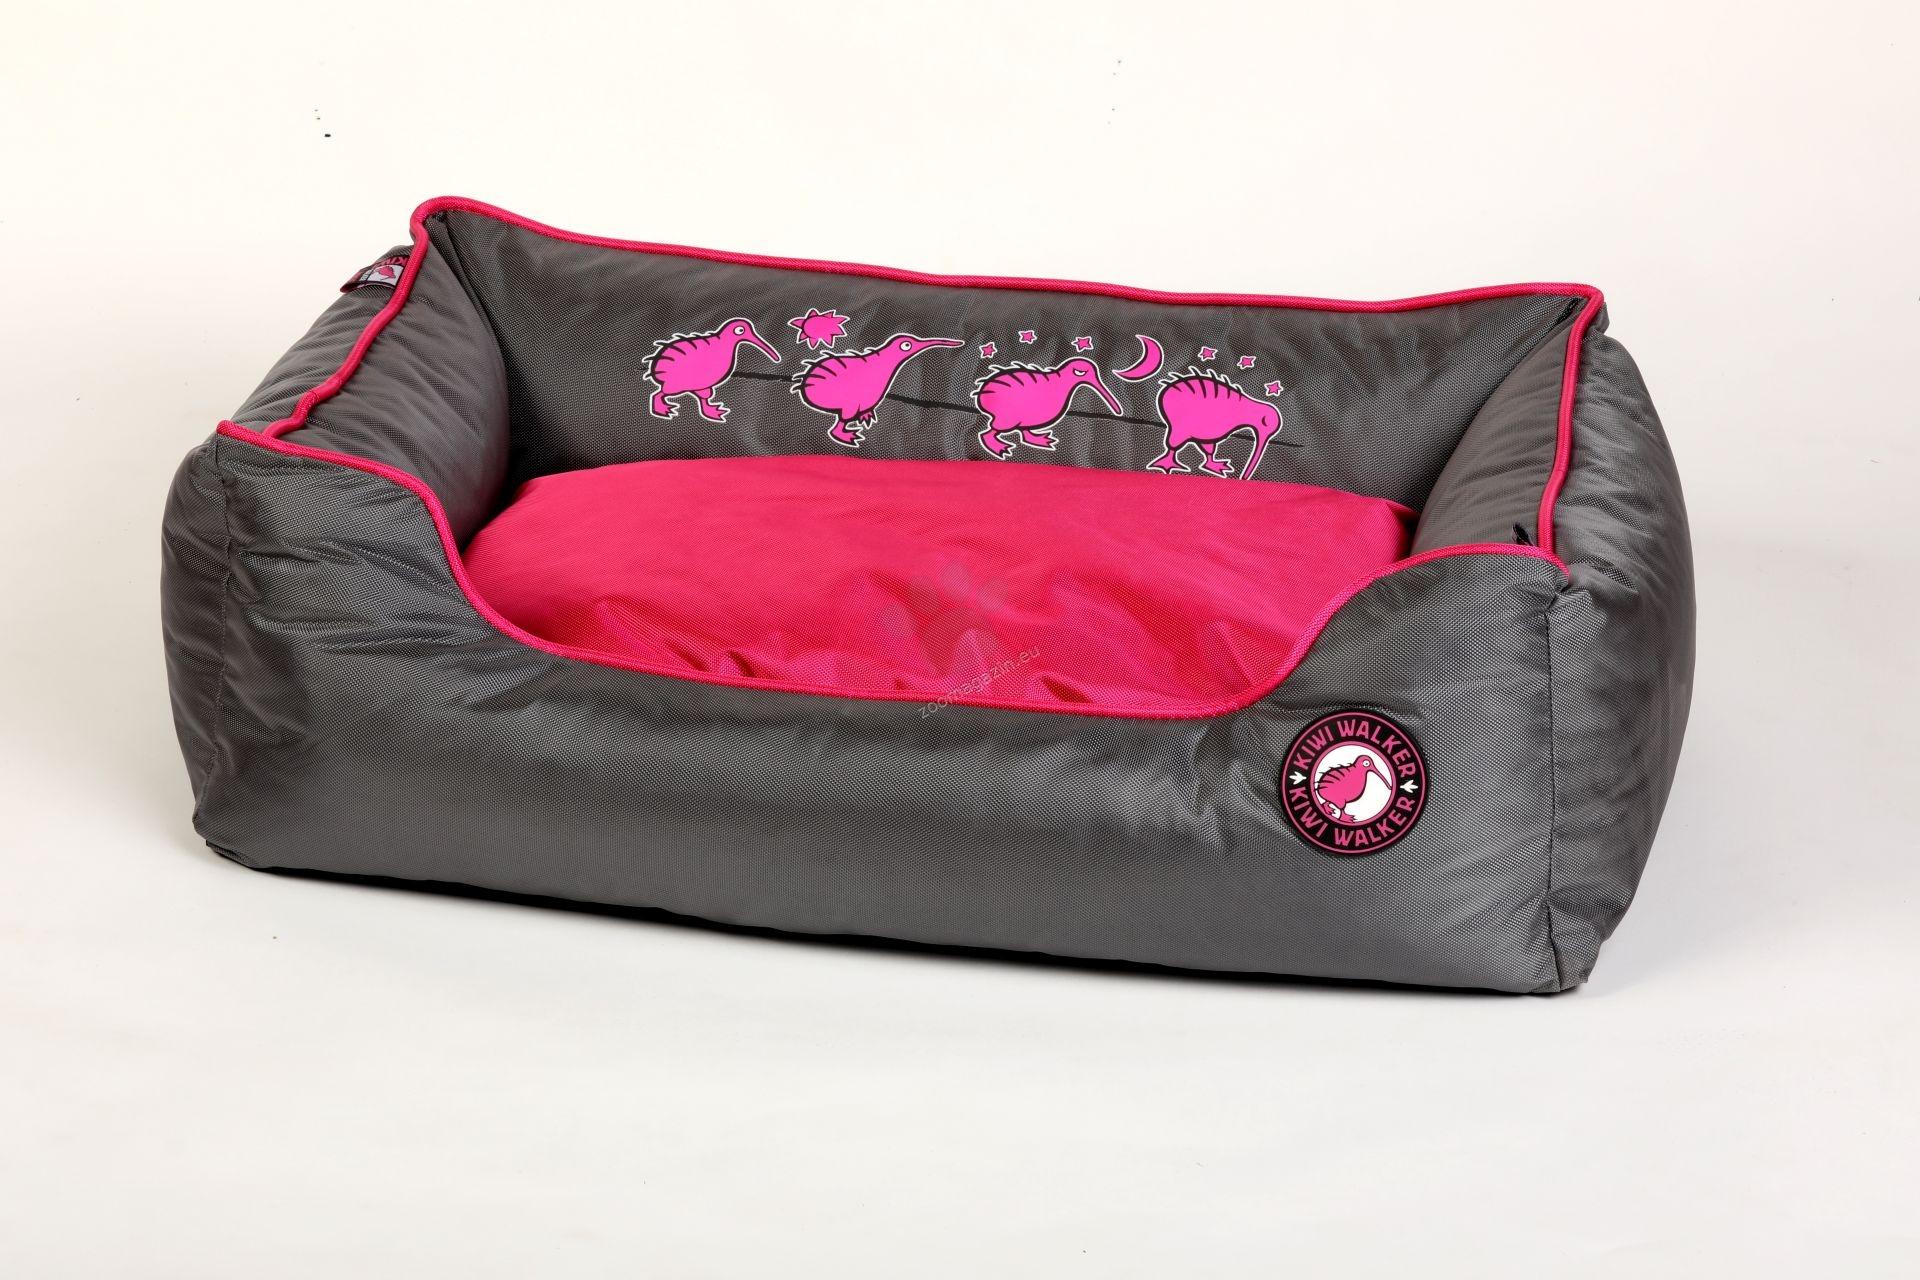 Kiwi Walker Bed Running M - ортопедично легло с мемори пяна 65 / 45 / 22 см. / розов, оранжев, зелен /